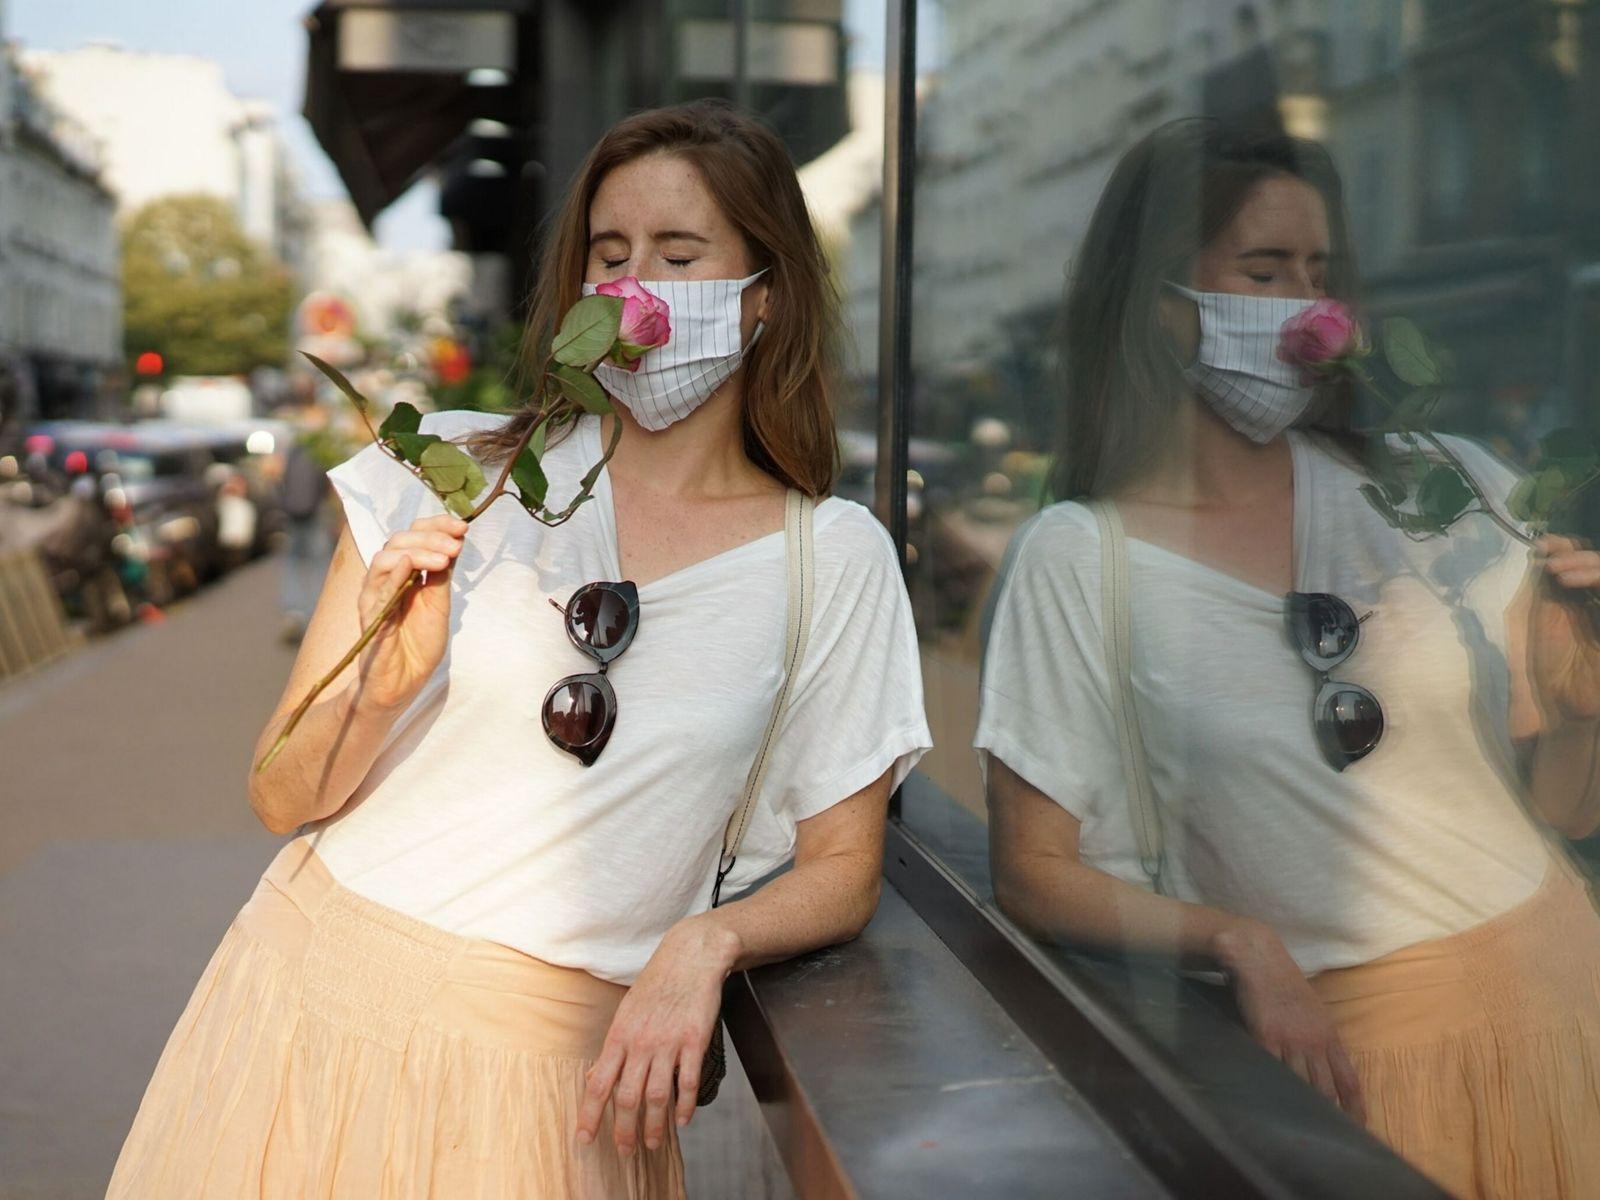 À travers son masque, une femme sent le parfum d'une rose au détour d'une promenade dans ...